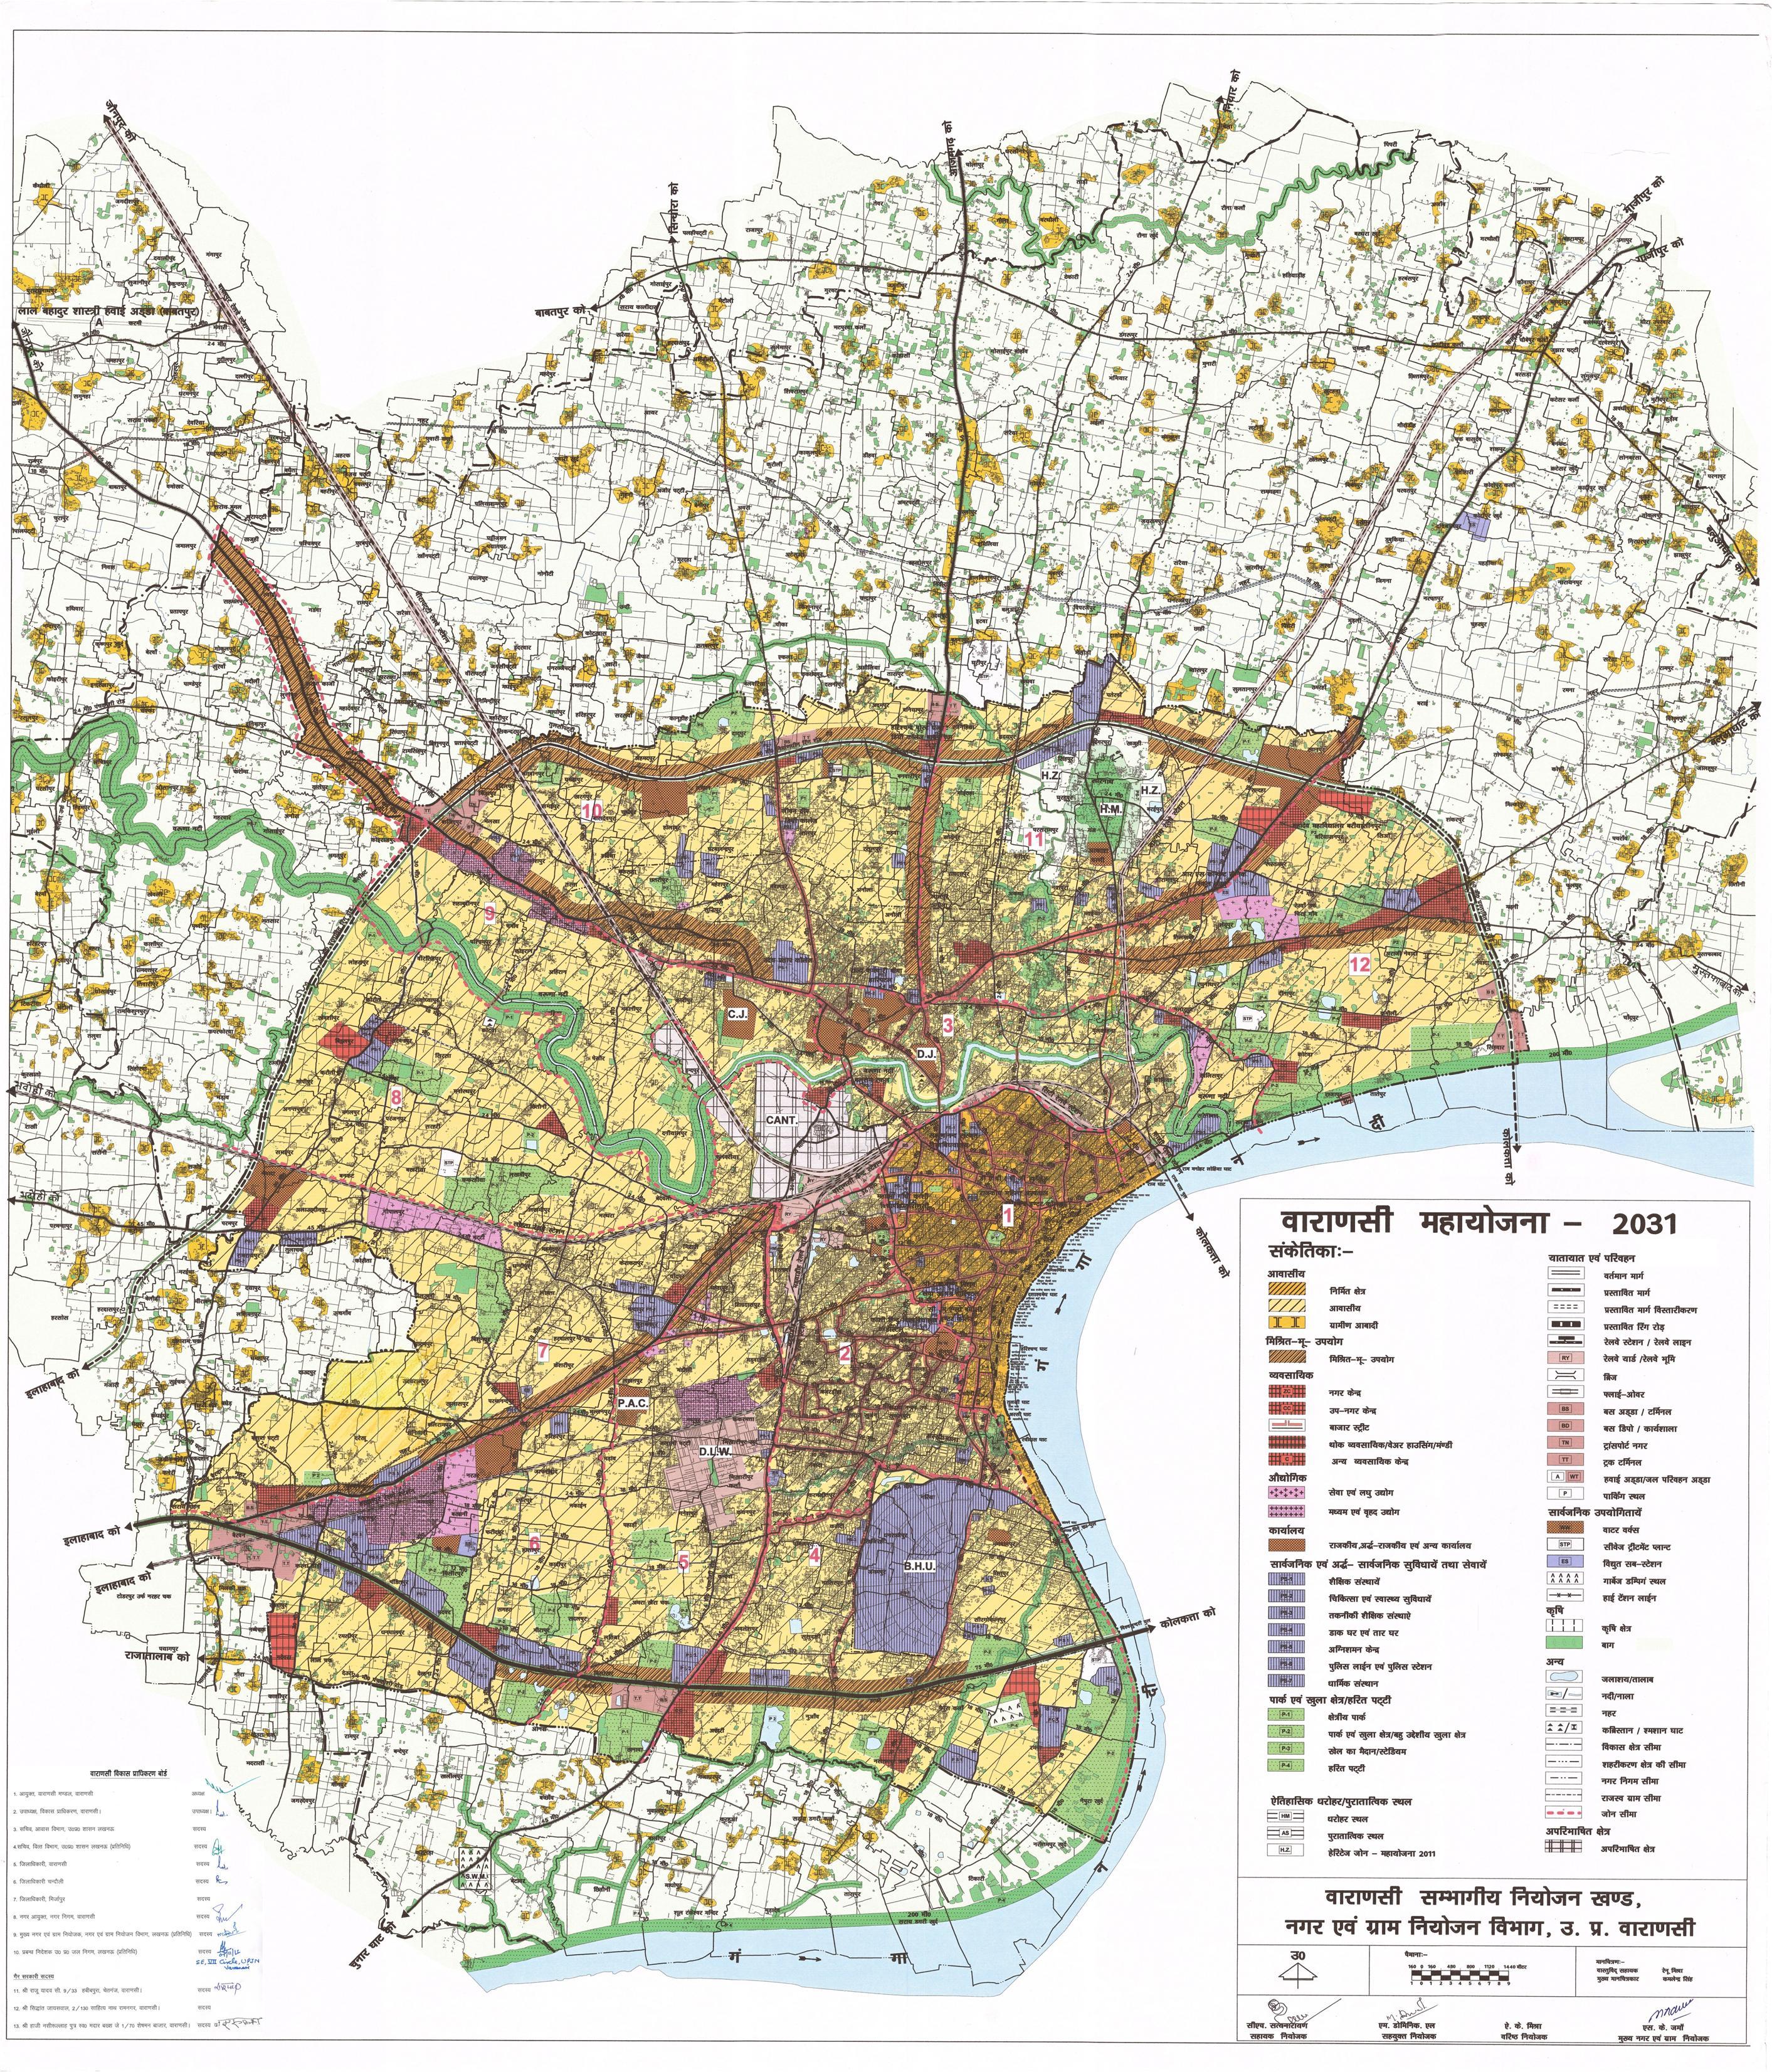 Varanasi Master Plan 2031 & ZR